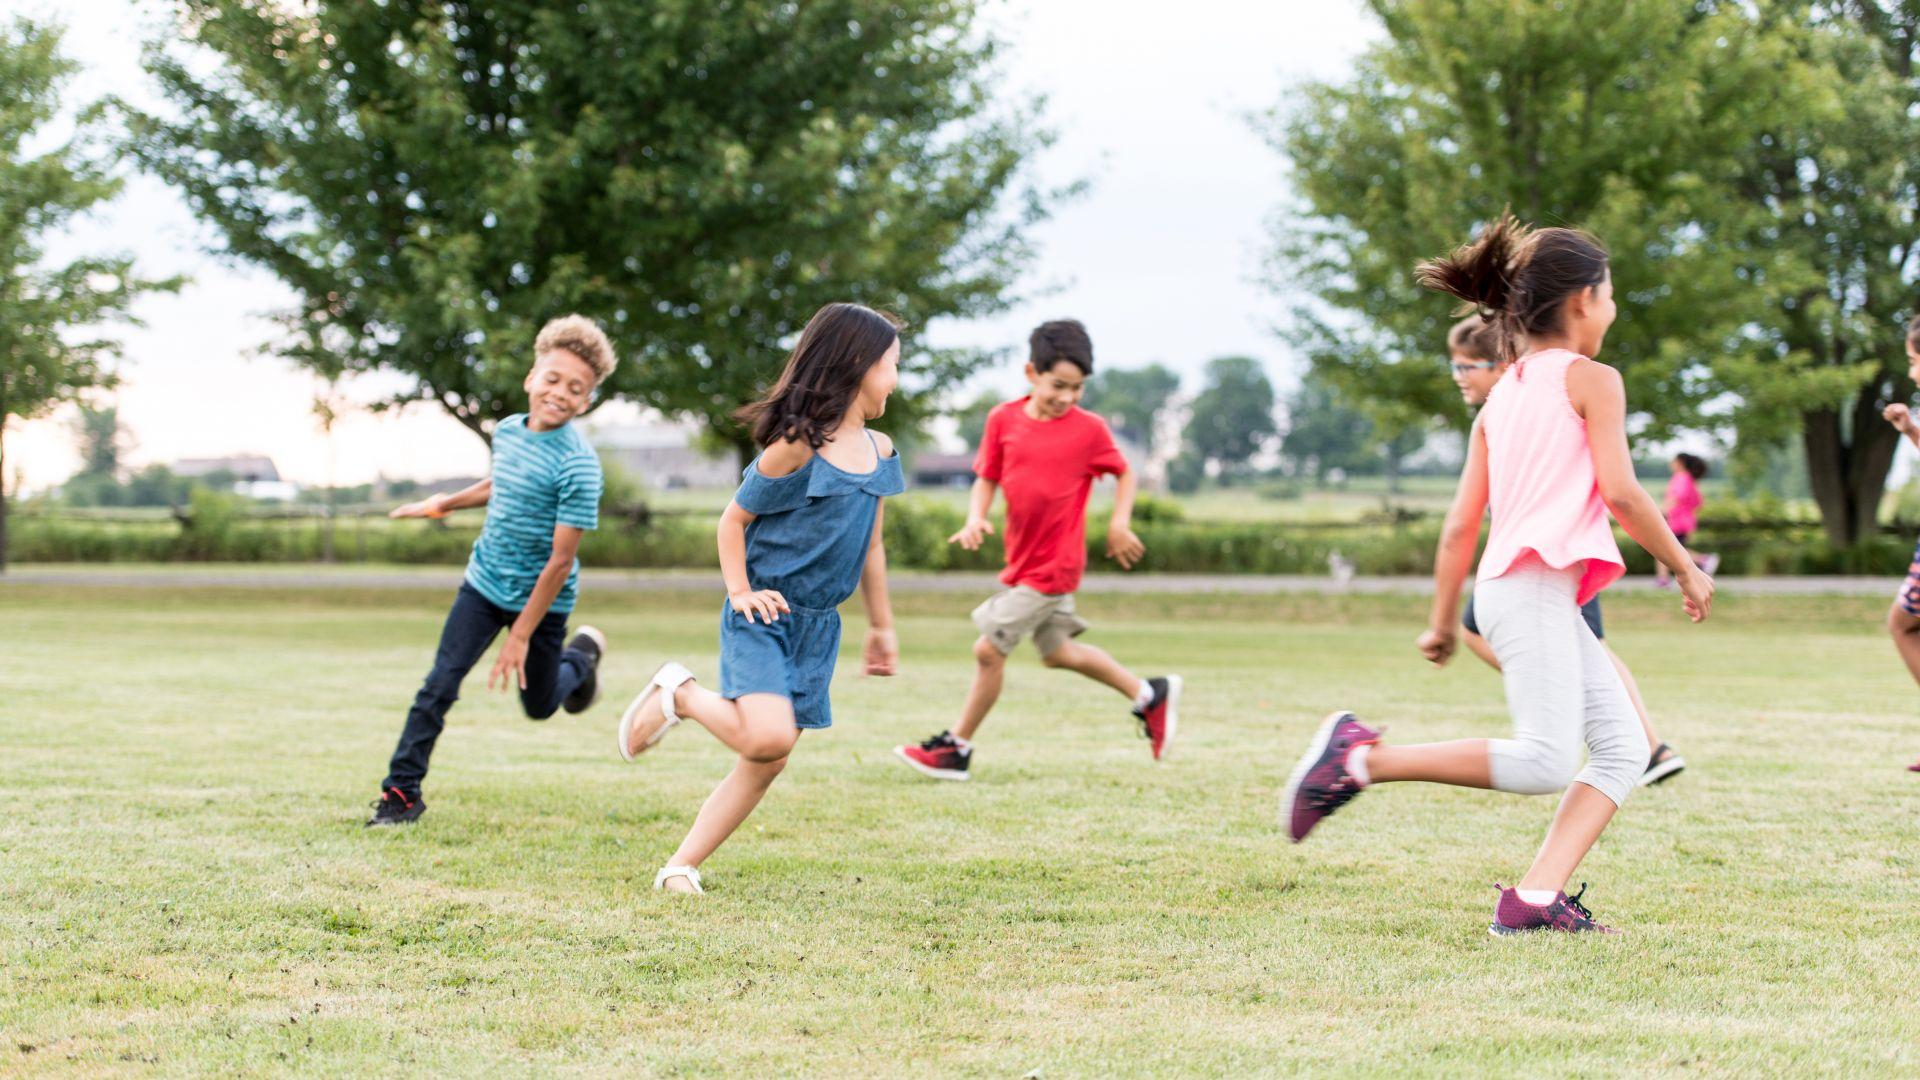 Как да изберем най-подходящия спорт за правилното развитие на децата